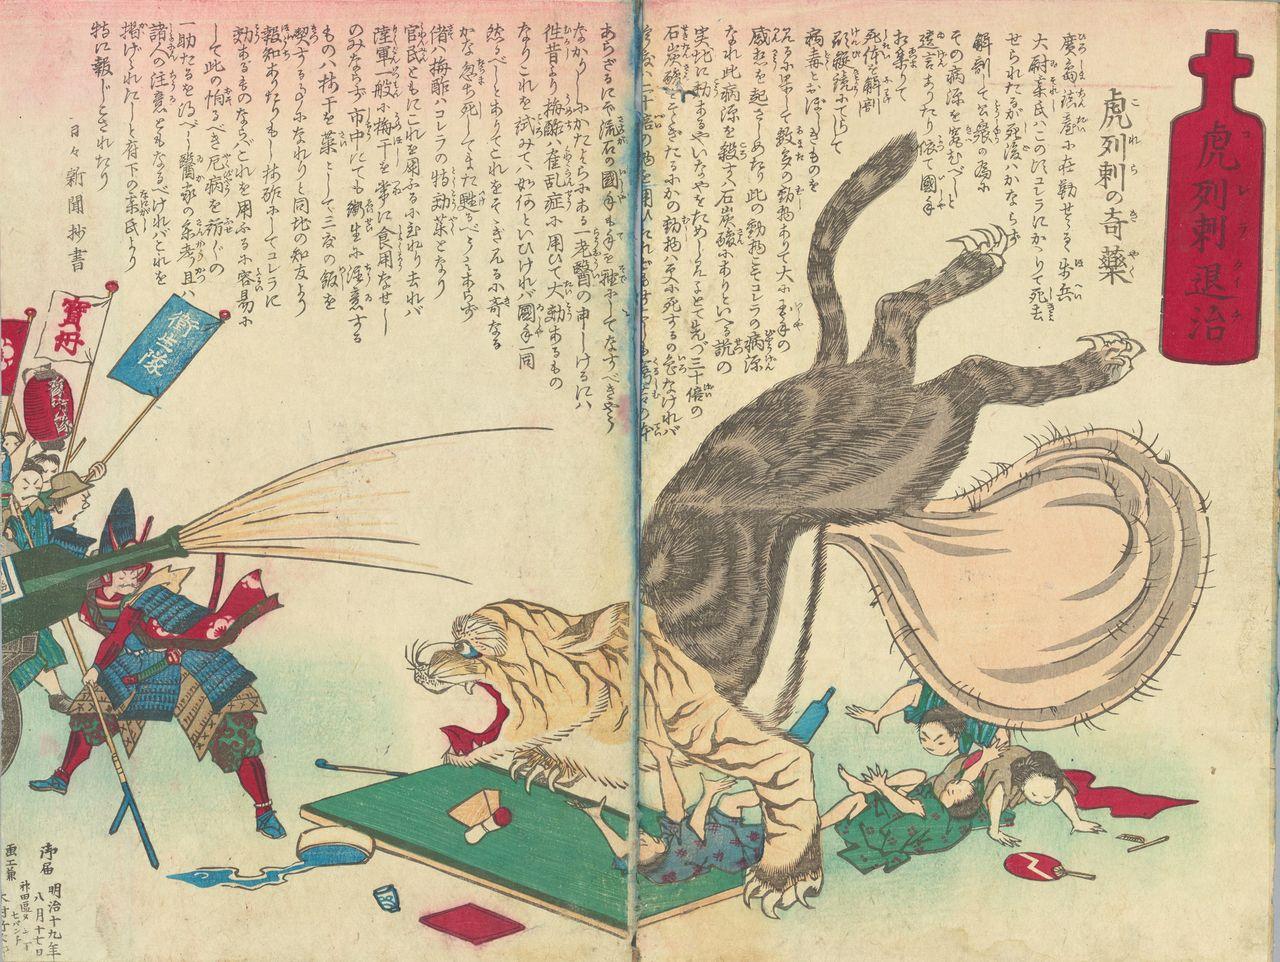 «Изгнание холеры» (хранилище Токийской общественной библиотеки); в качестве «чудодейственного средства» от холеры упоминается сливовый уксус